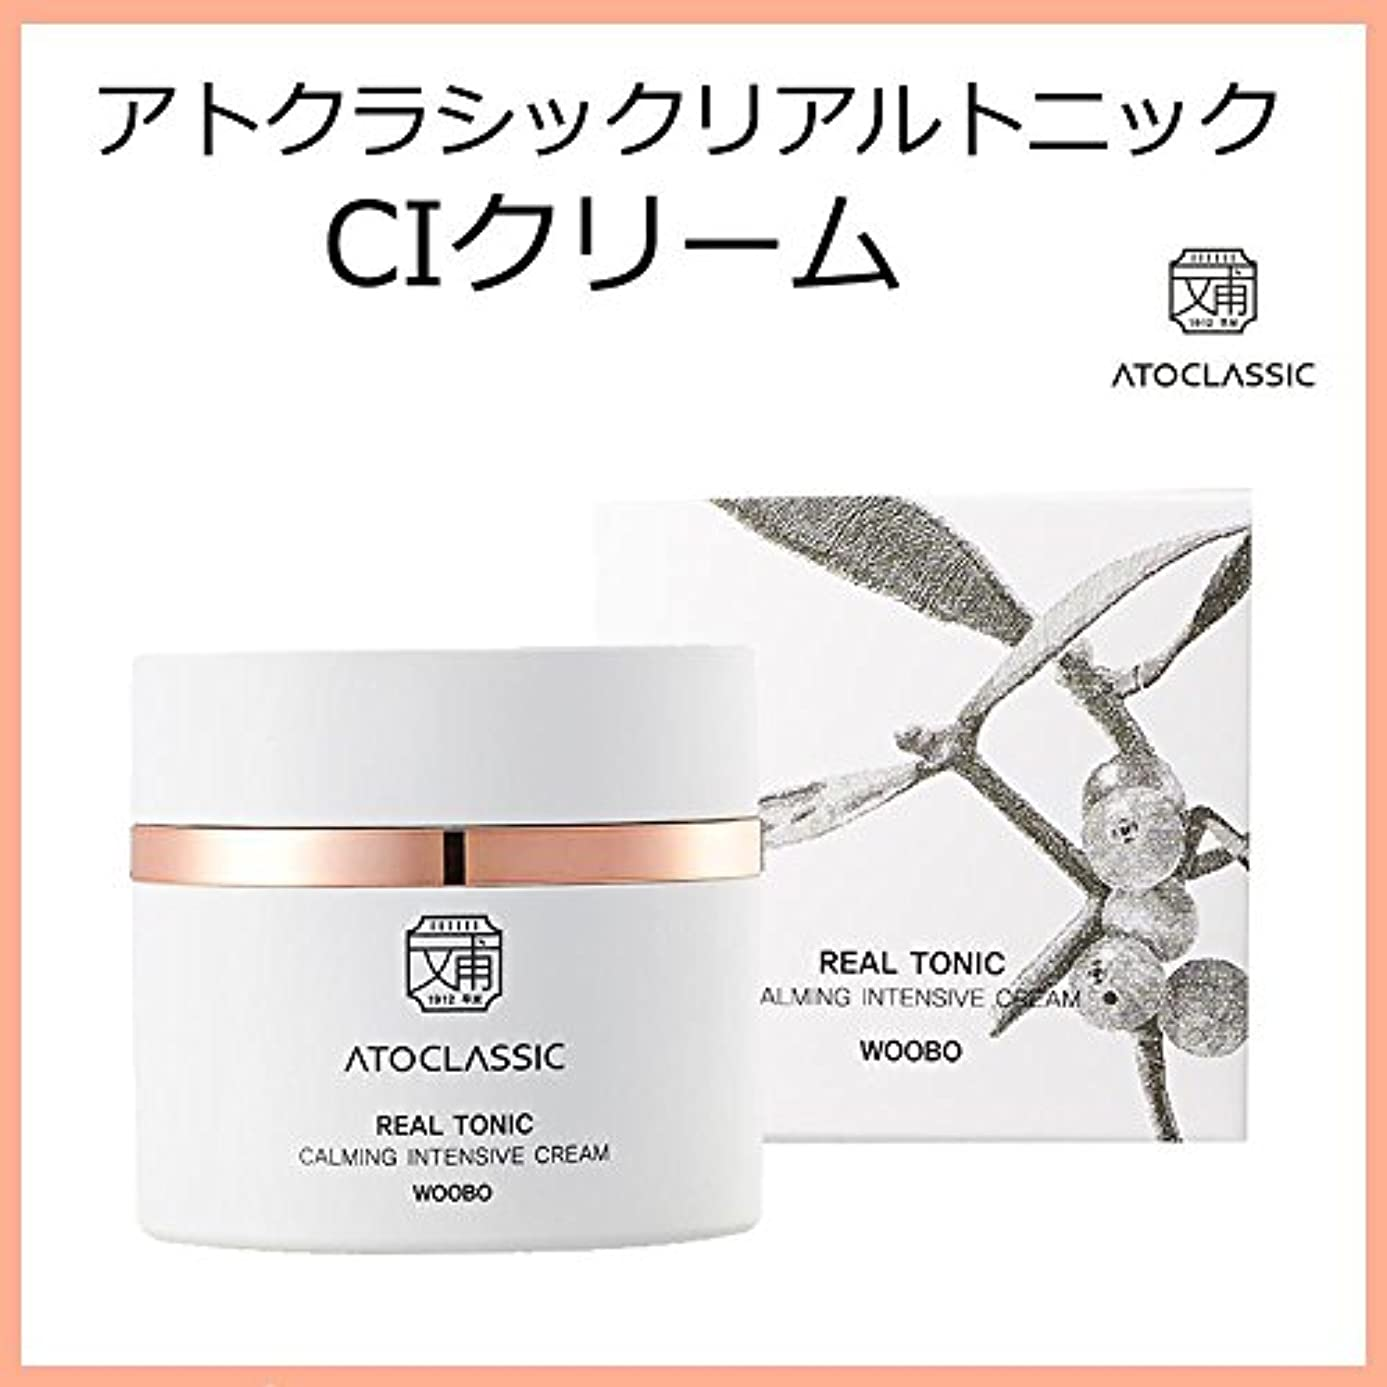 タフに変わる換気する韓国コスメ ATOCLASSIC アトクラシックリアルトニック CIクリーム(Calming Intensive Cream) 50ml